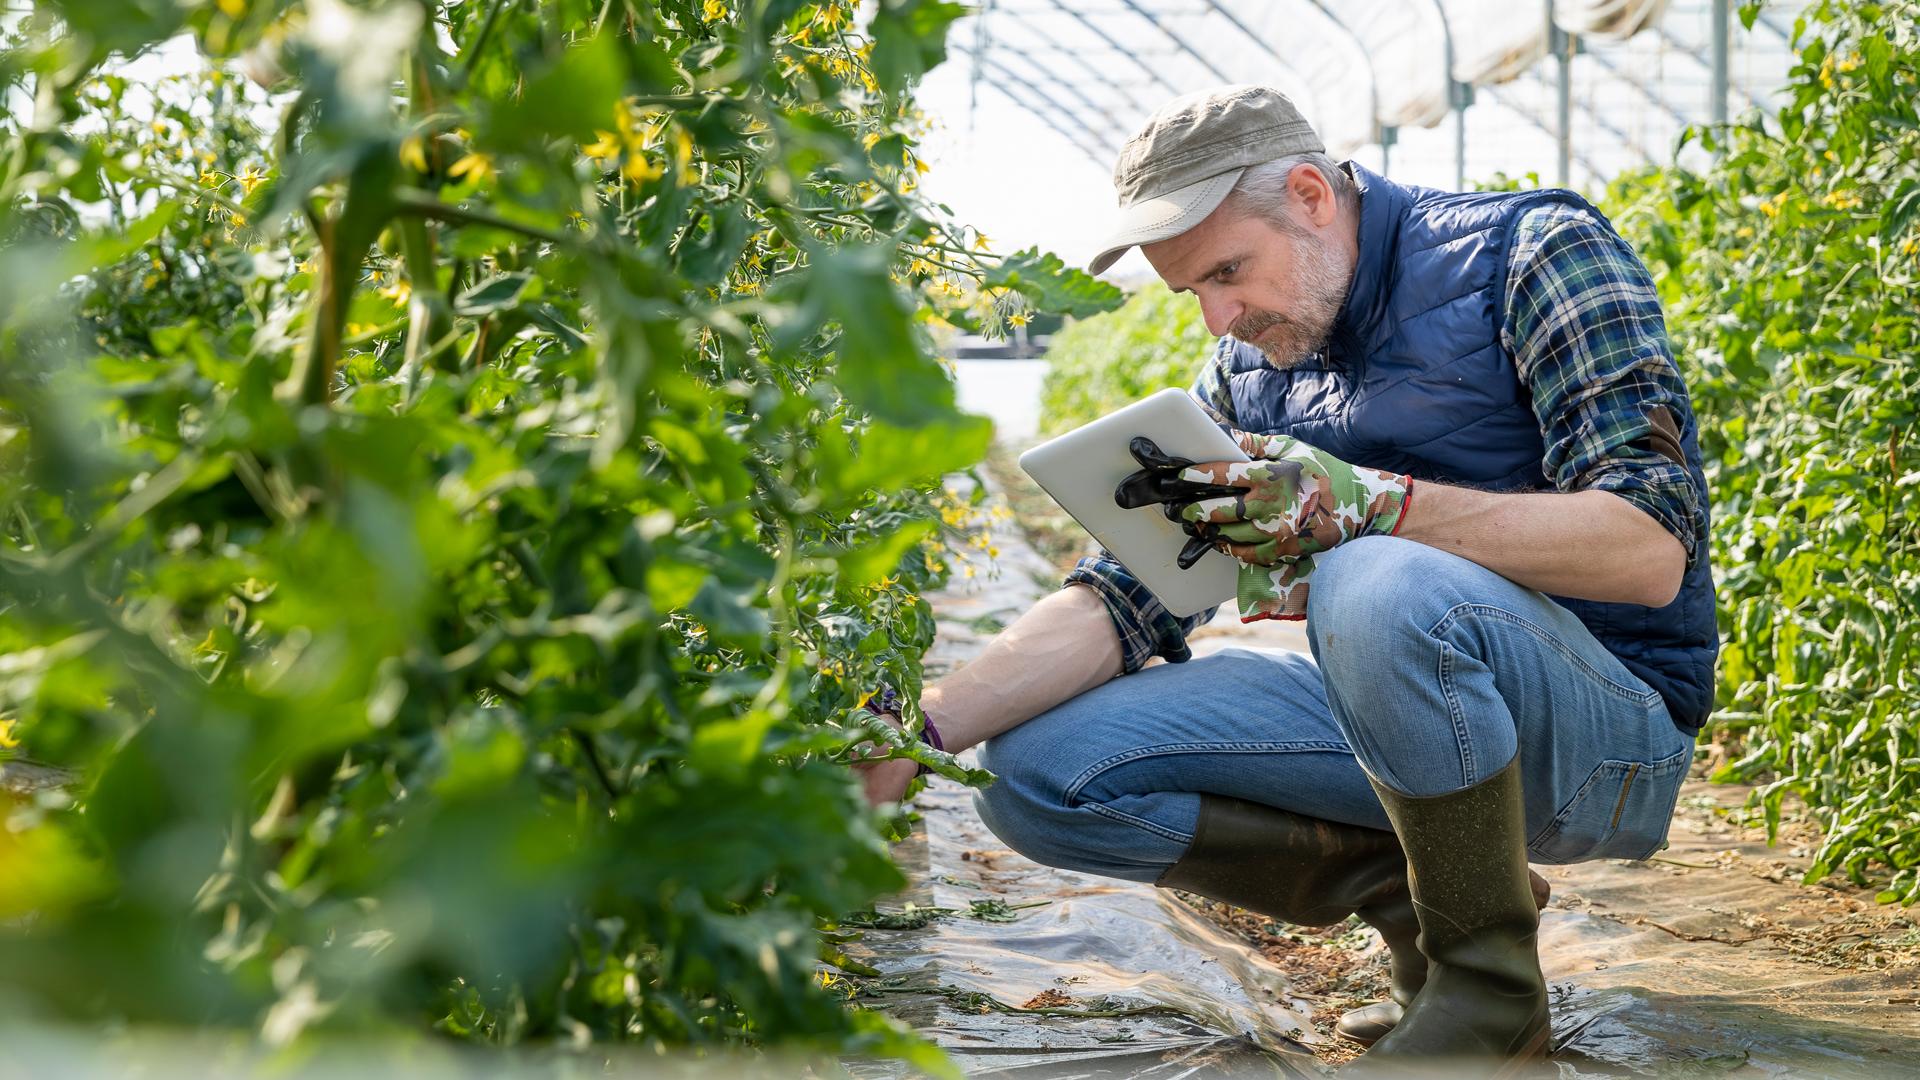 Ein Landwirt überprüft Nutzpflanzen in seinem Gewächshaus, in der Hand hält er ein Tablet.